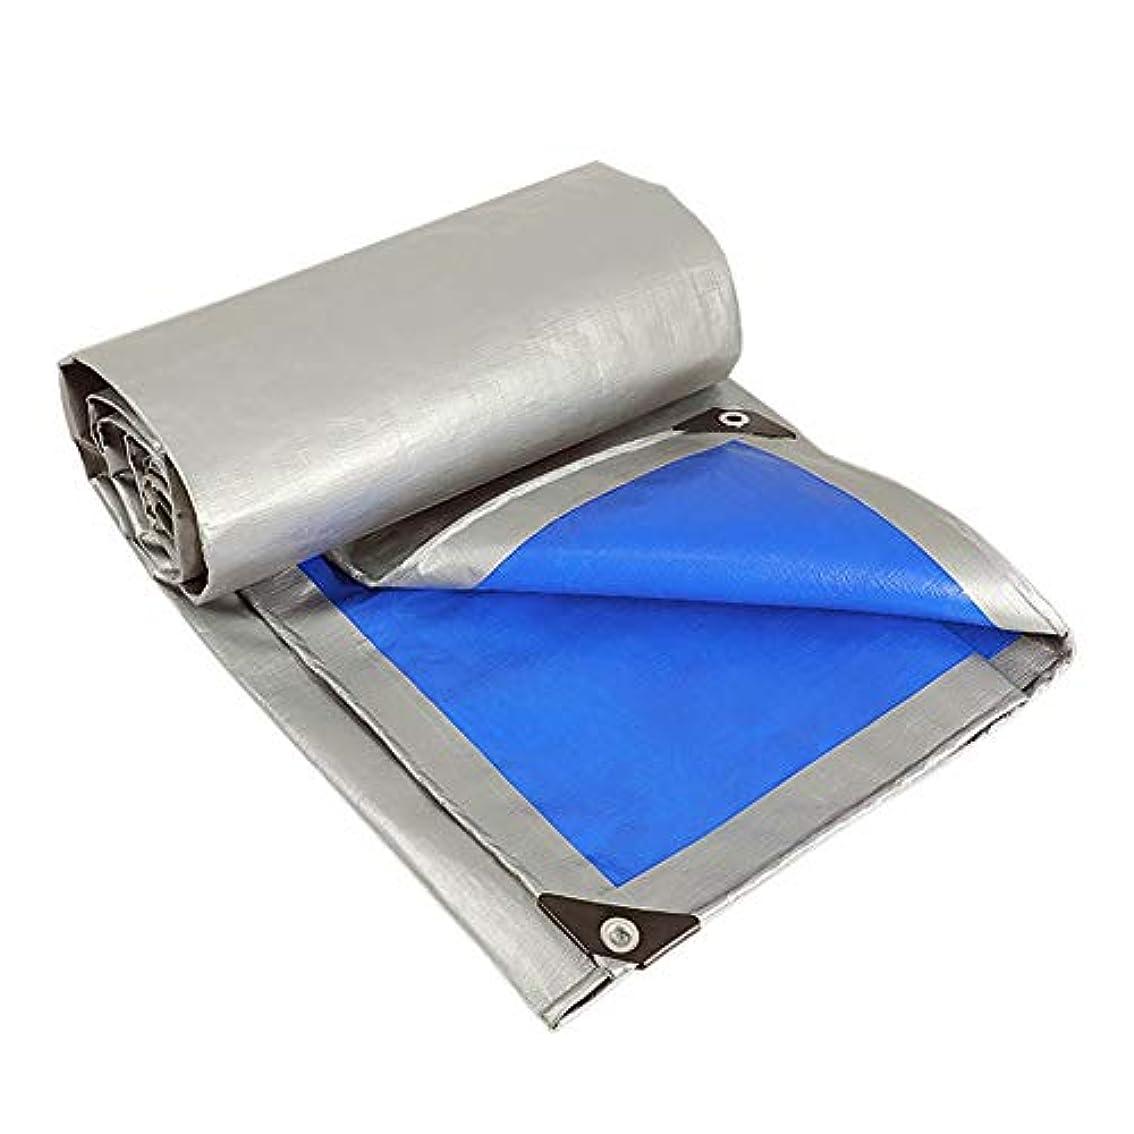 哲学者スピン眩惑するALGWXQ 厚くする 屋外の 雨を覆う プラスチック防水シート 防雨布 防水日焼け止め 防水シート キャノピー トラック (色 : Blue+Gray, サイズ さいず : 6x12m)